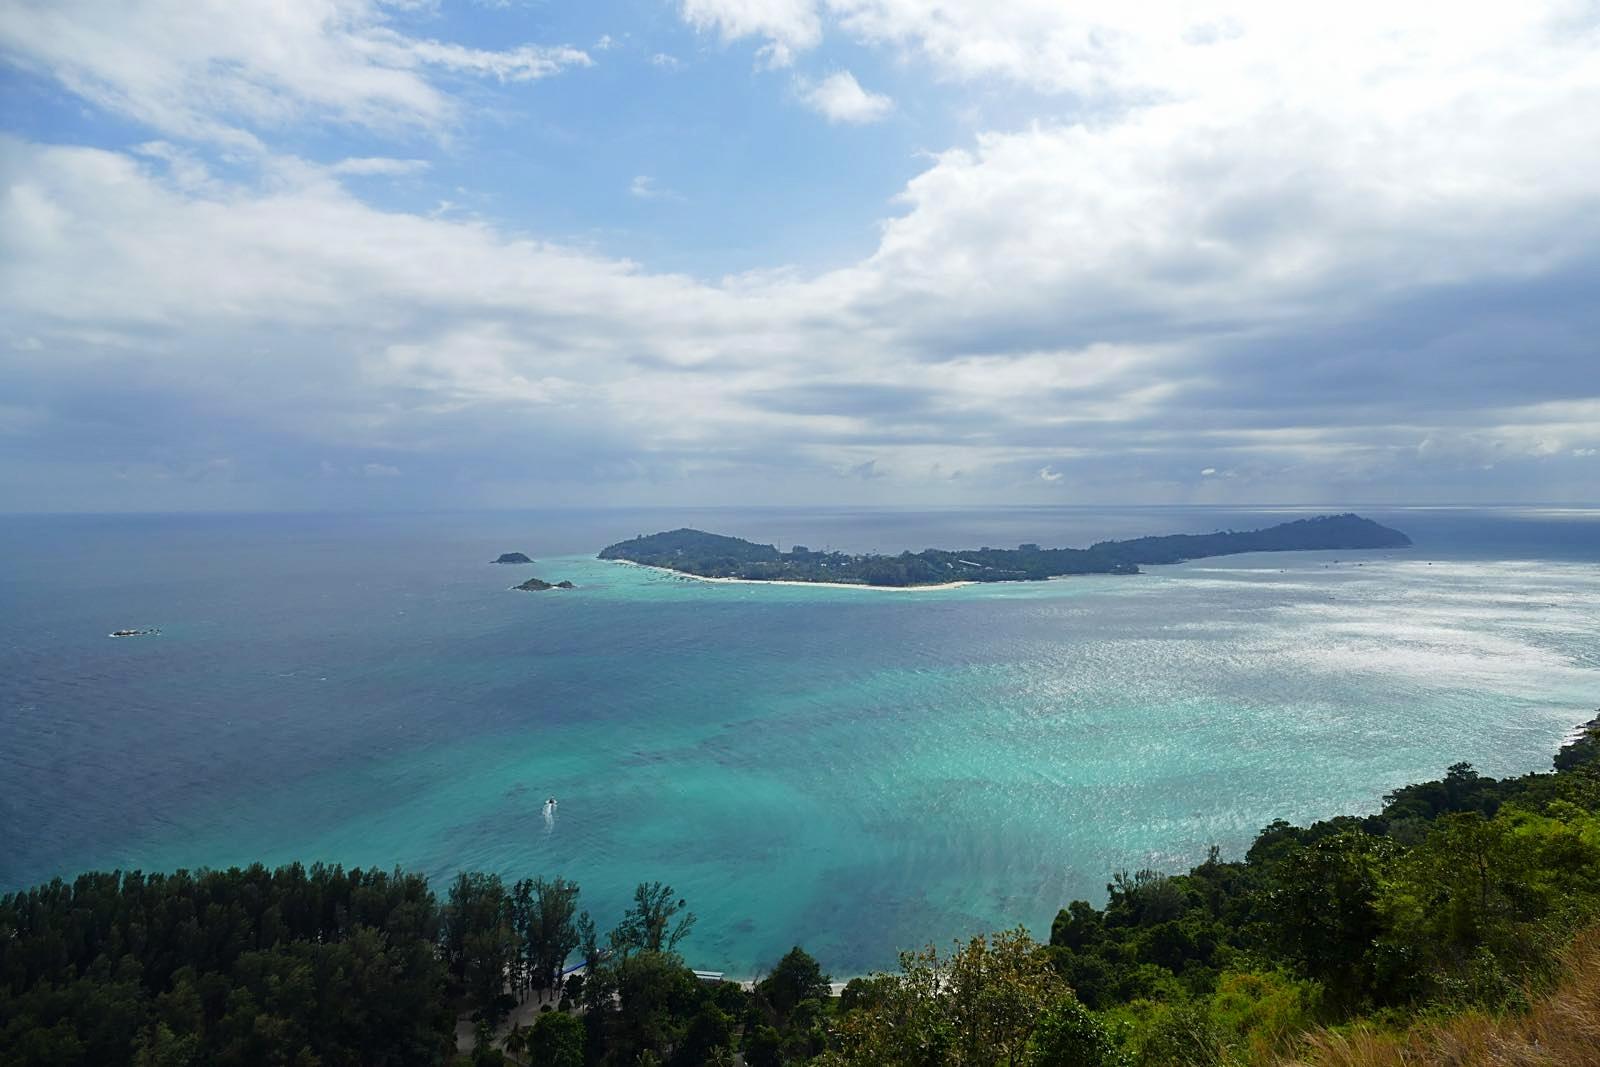 Viewpoint Koh Adang mit Sicht auf Koh Lipe